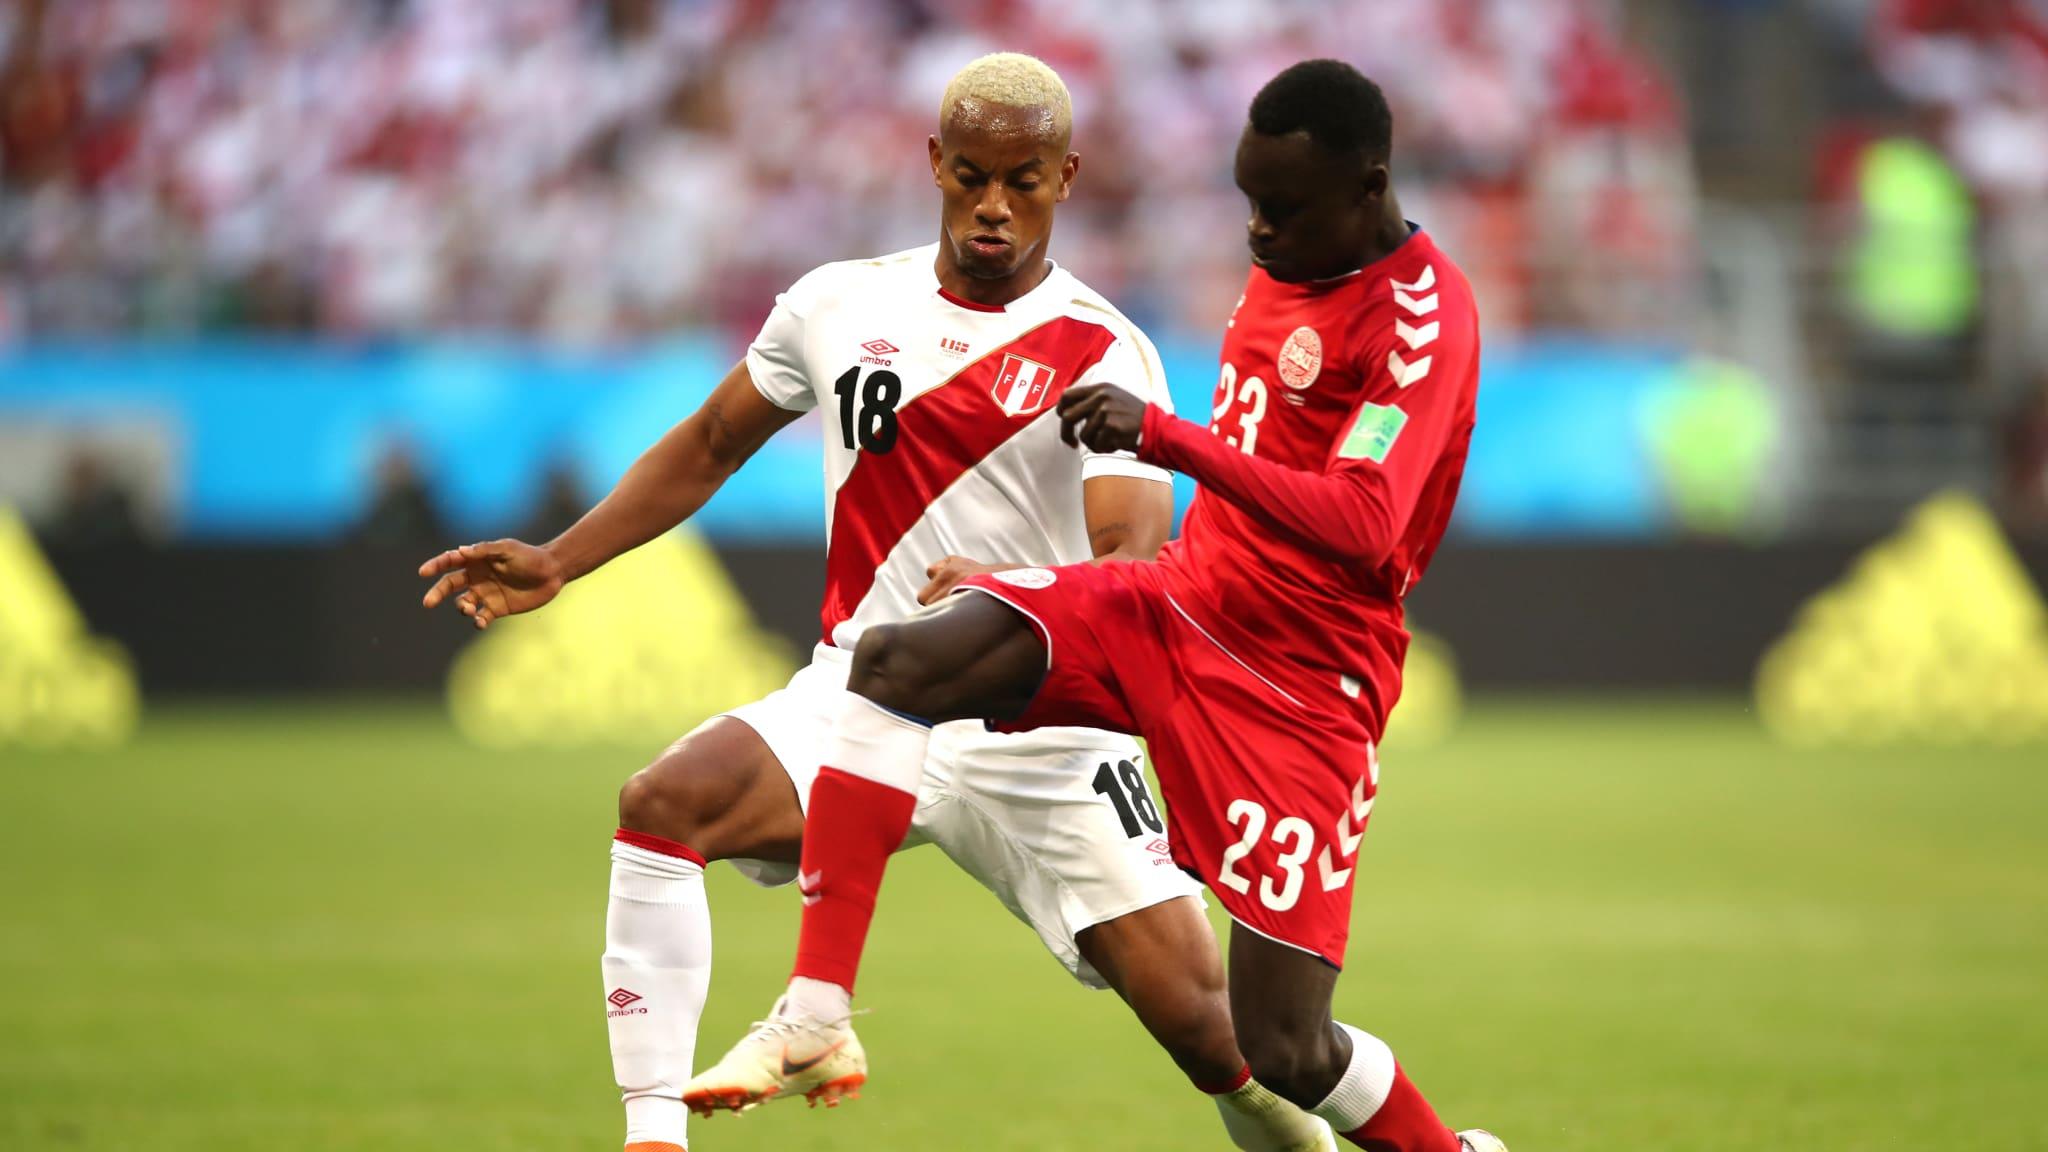 BERTARUNG. Andre Carrillo (Peru) dan Pione Sisto (Denmark) bertarung memperebutkan bola di Mordovia Arena, 16 Juni. Foto dari FIFA.com